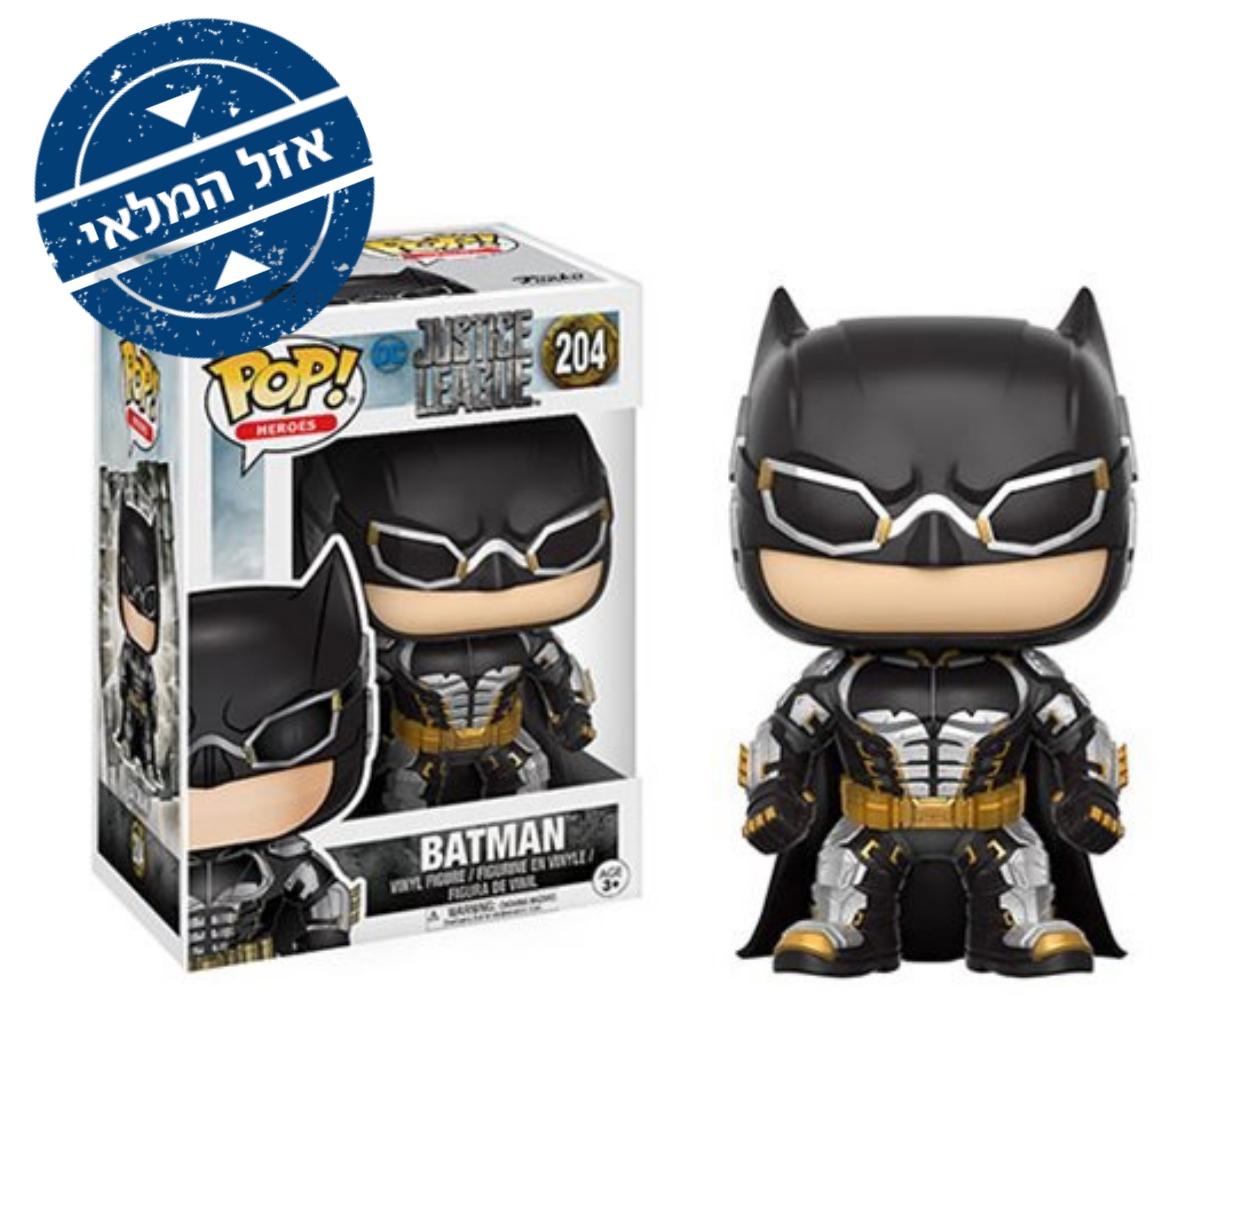 פופ! ליגת הצדק - באטמן